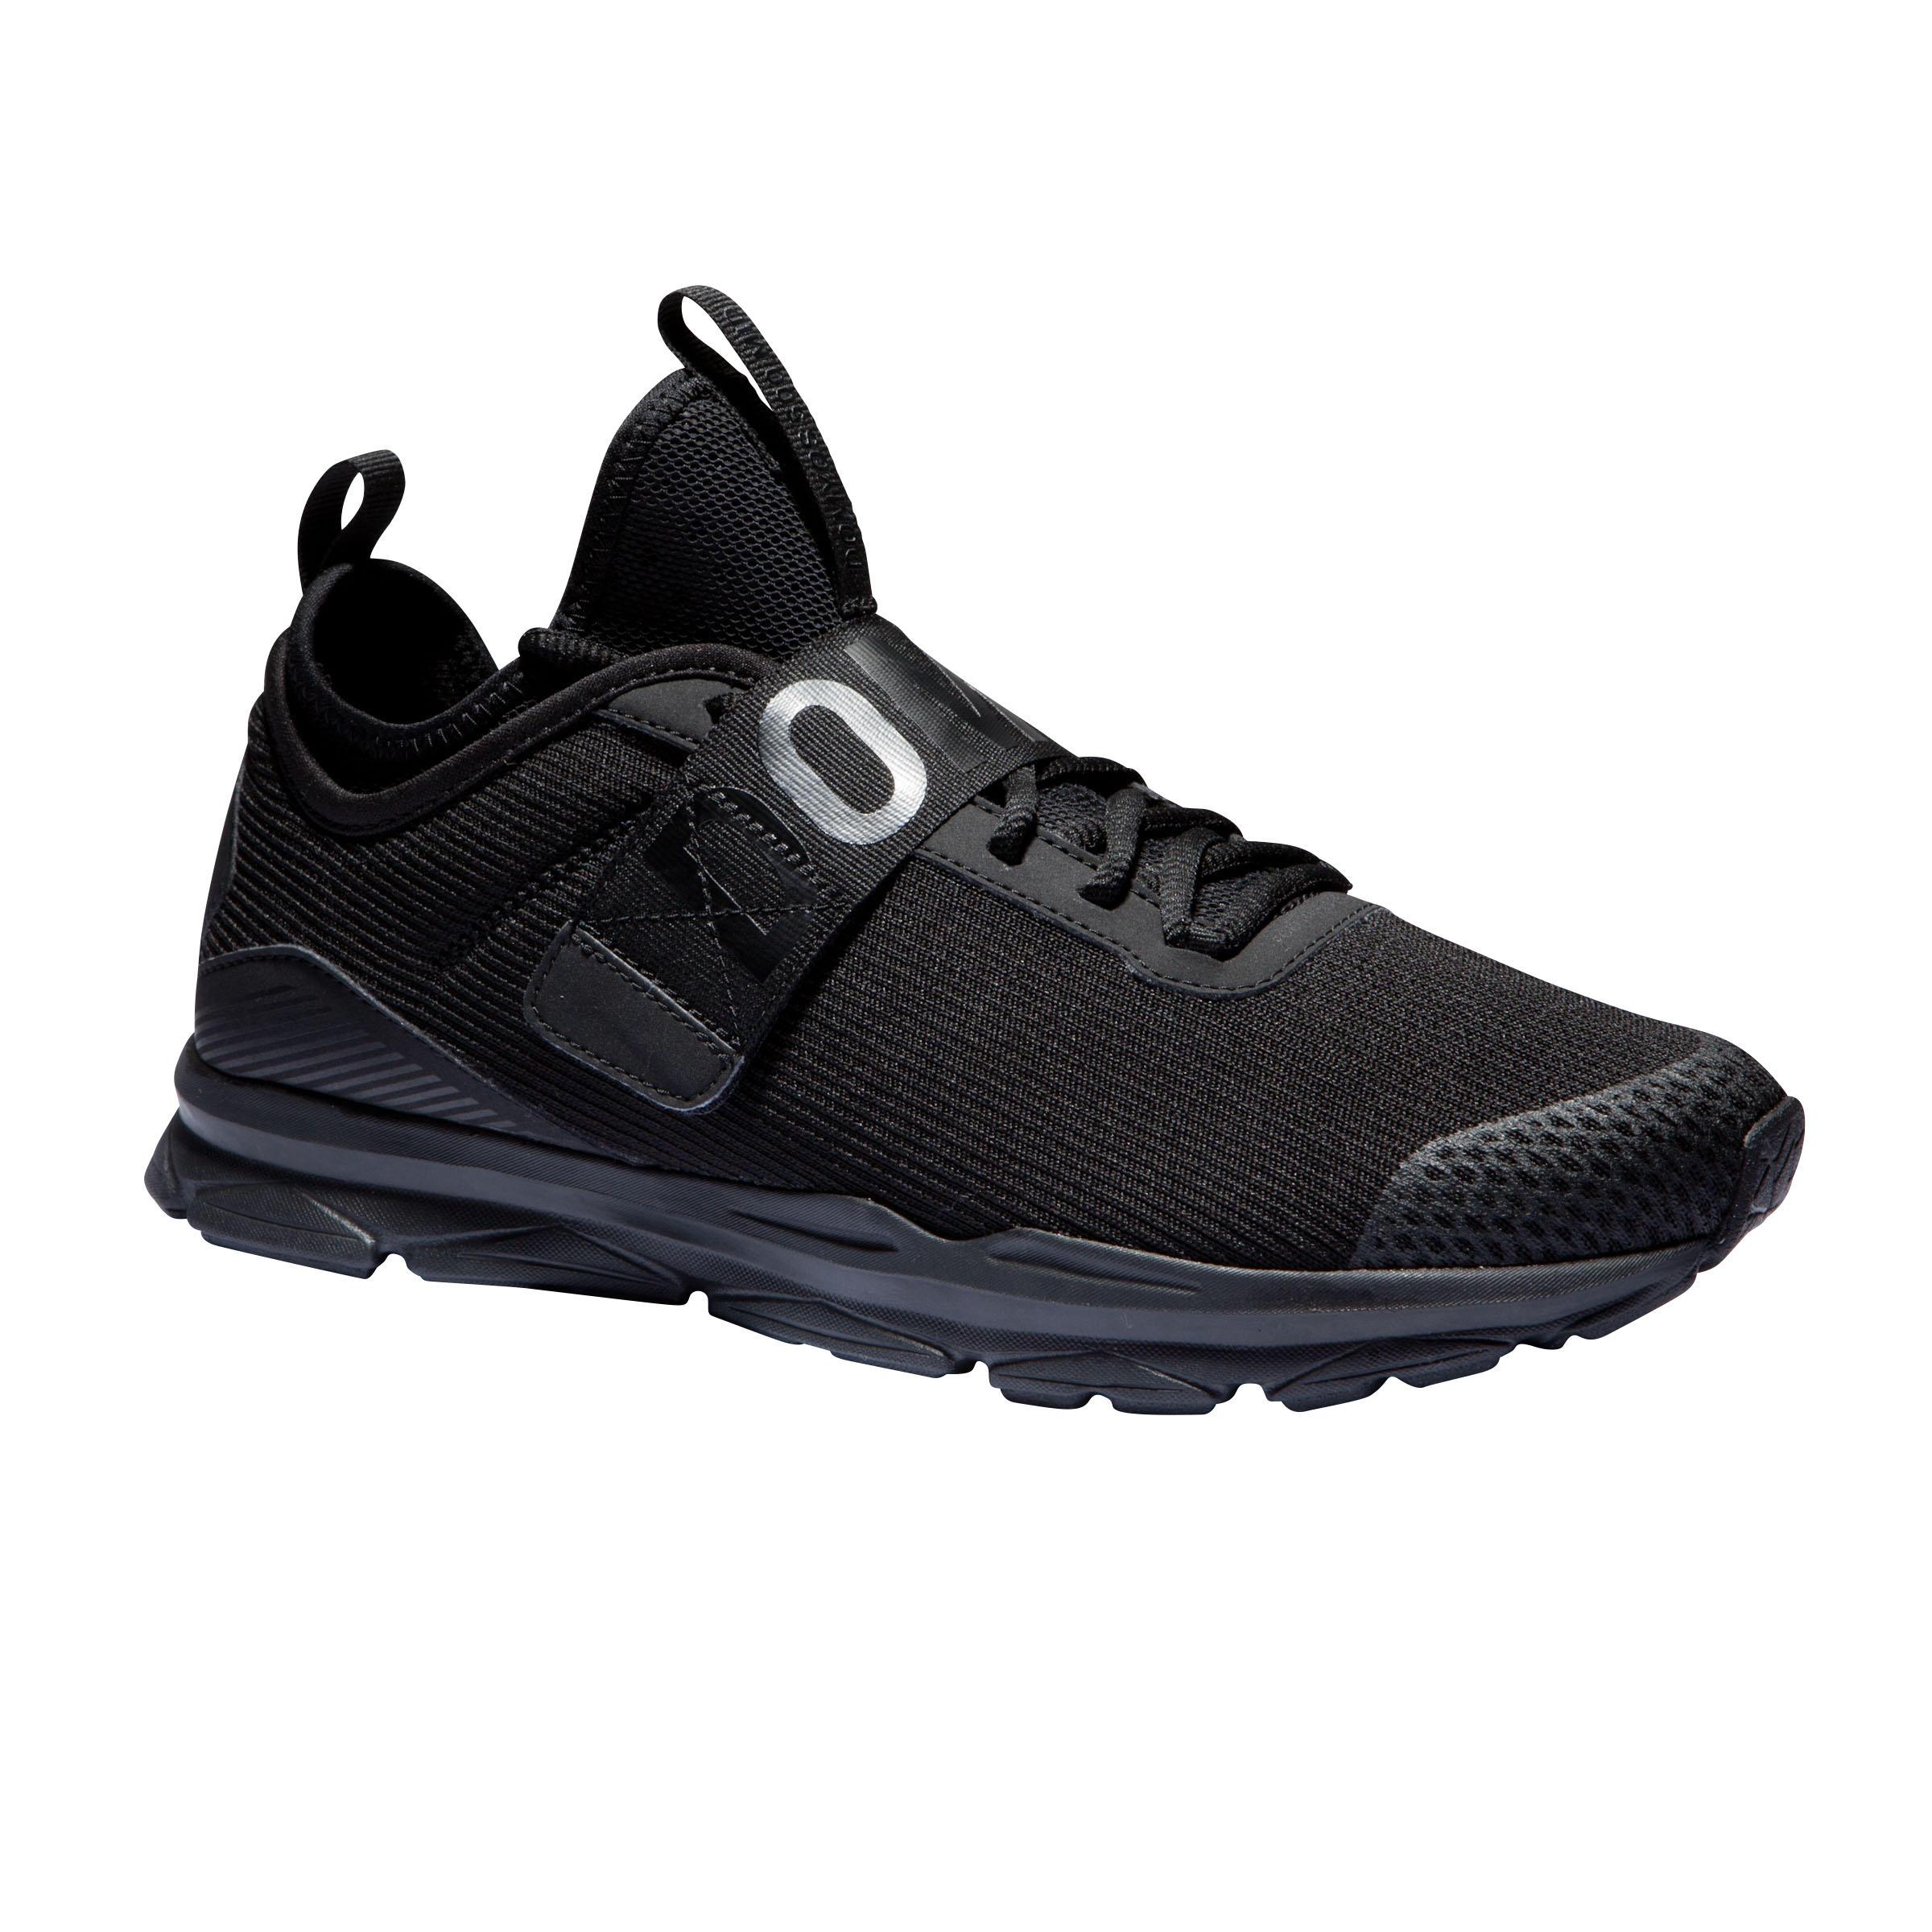 Domyos Fitness schoenen cardiotraining 500 voor dames